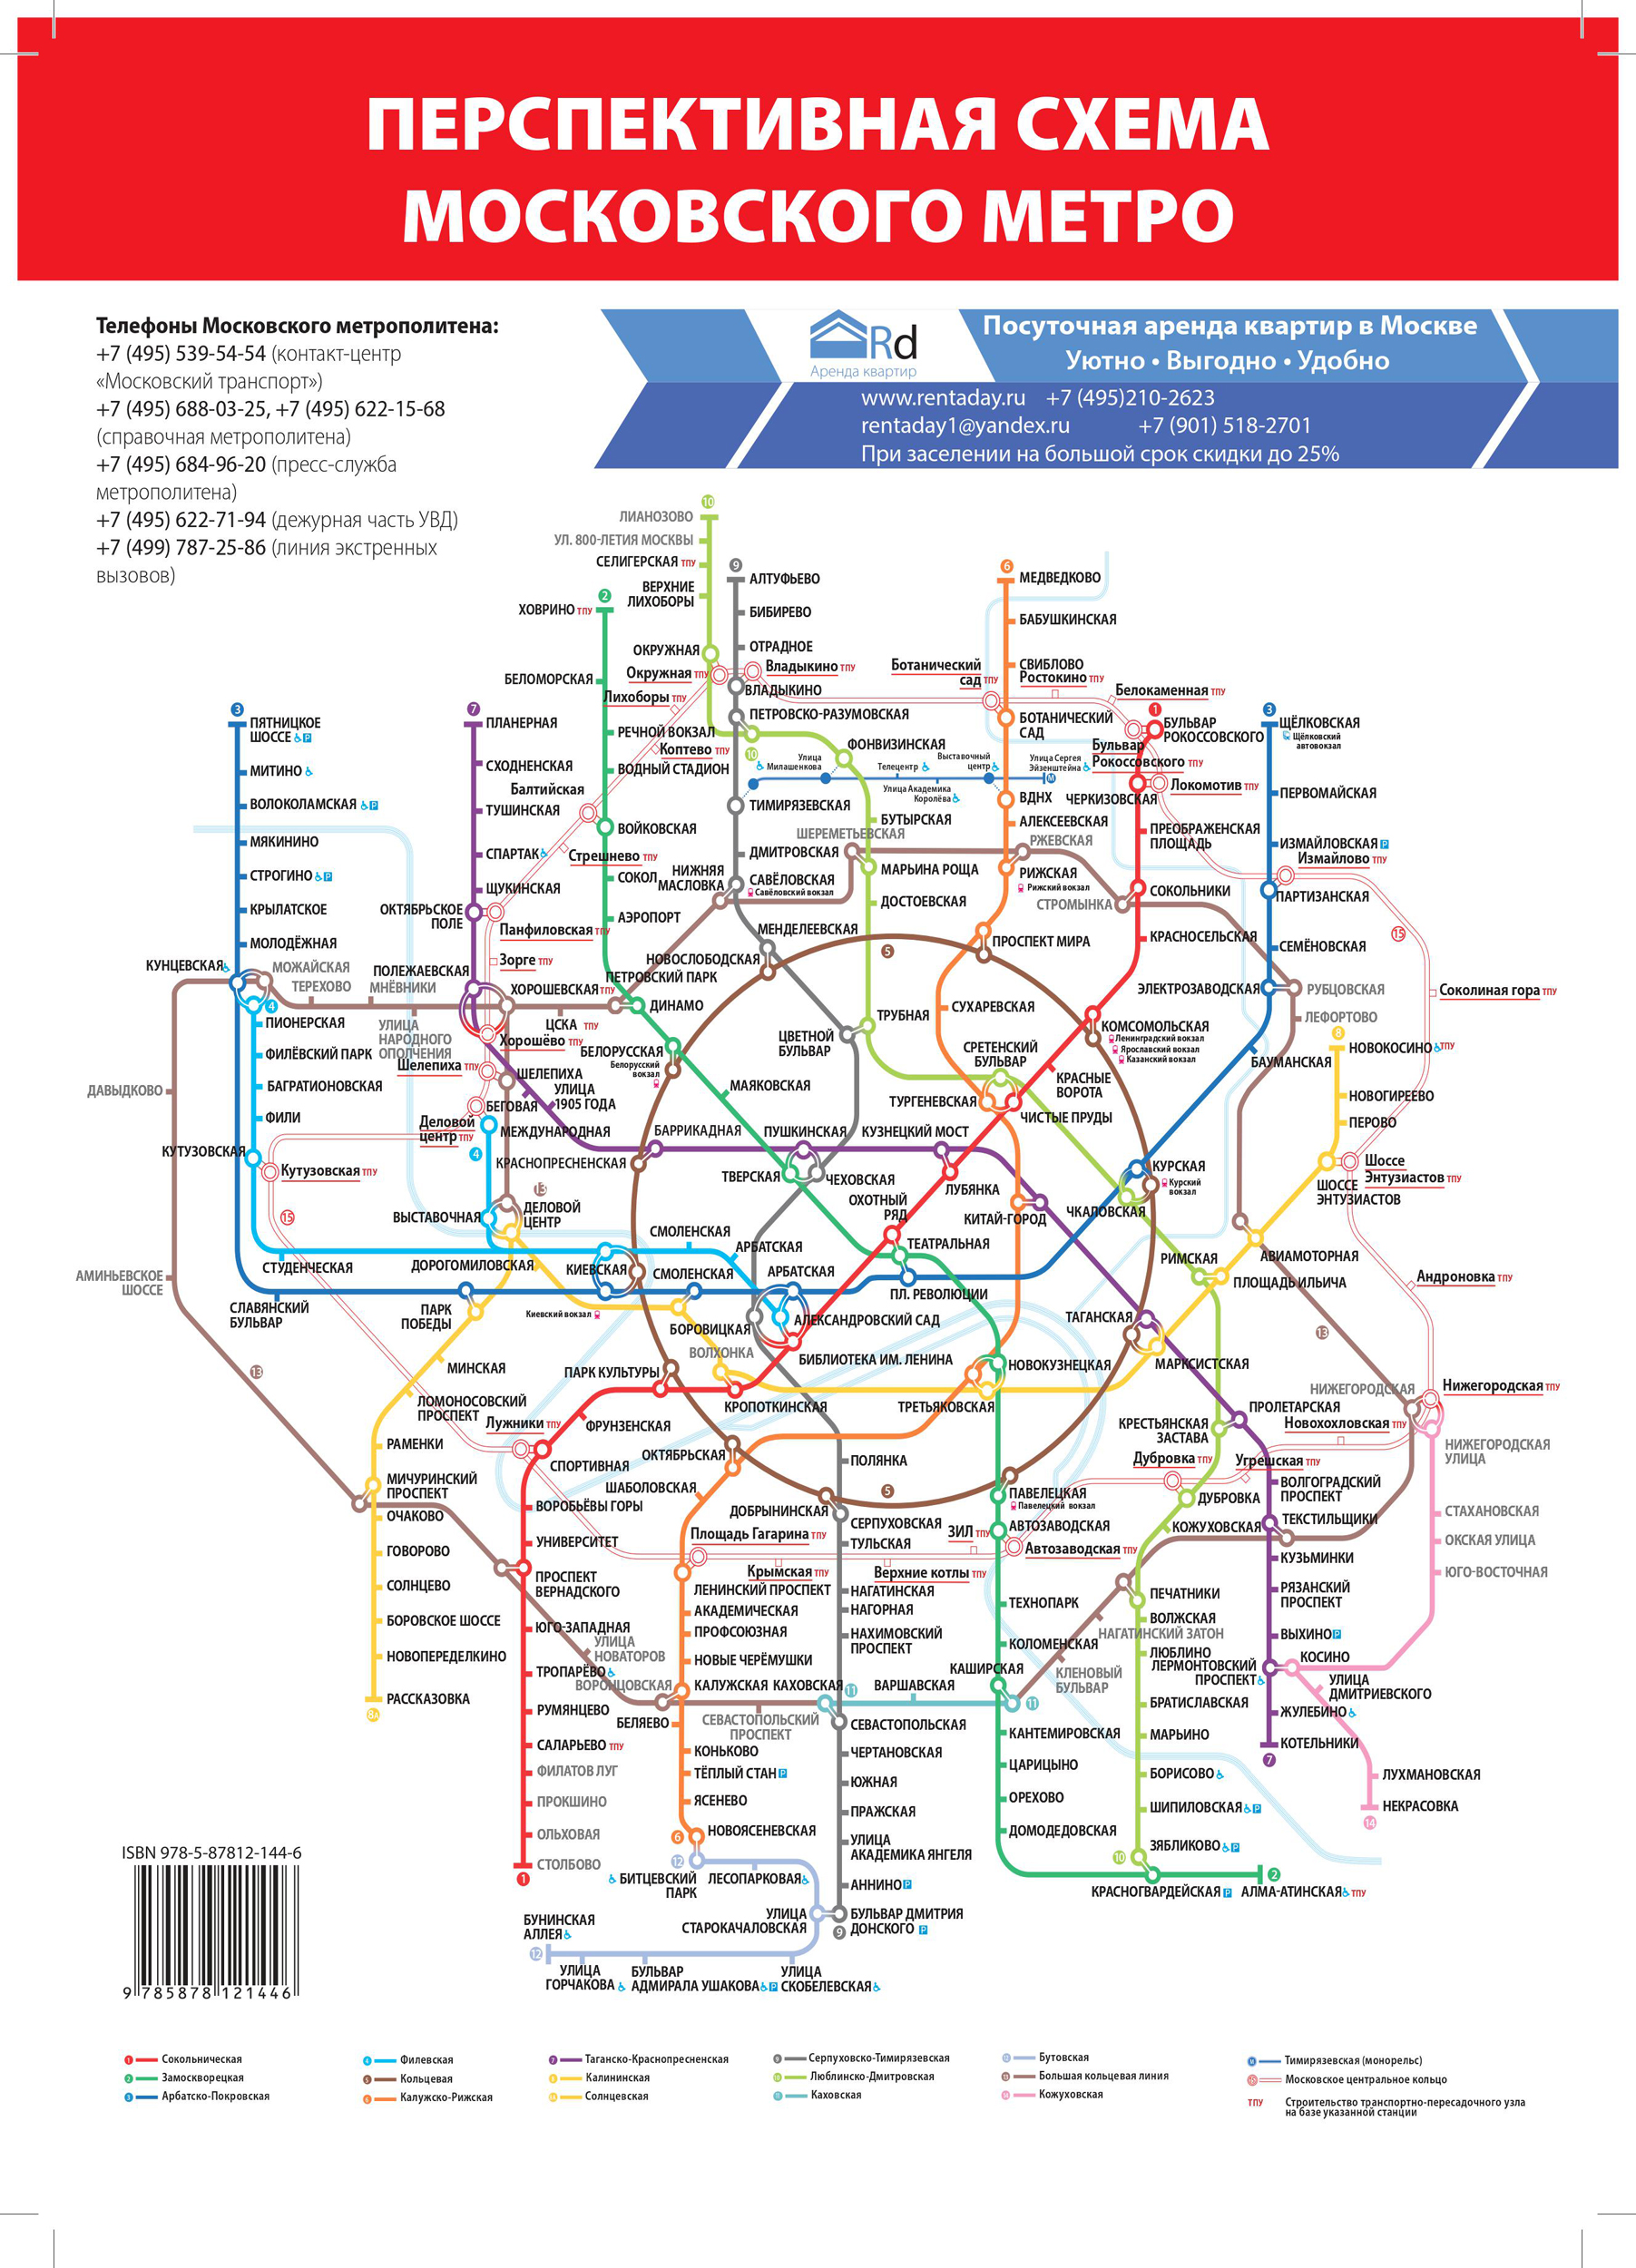 аэроэкспрессы москвы схема метро